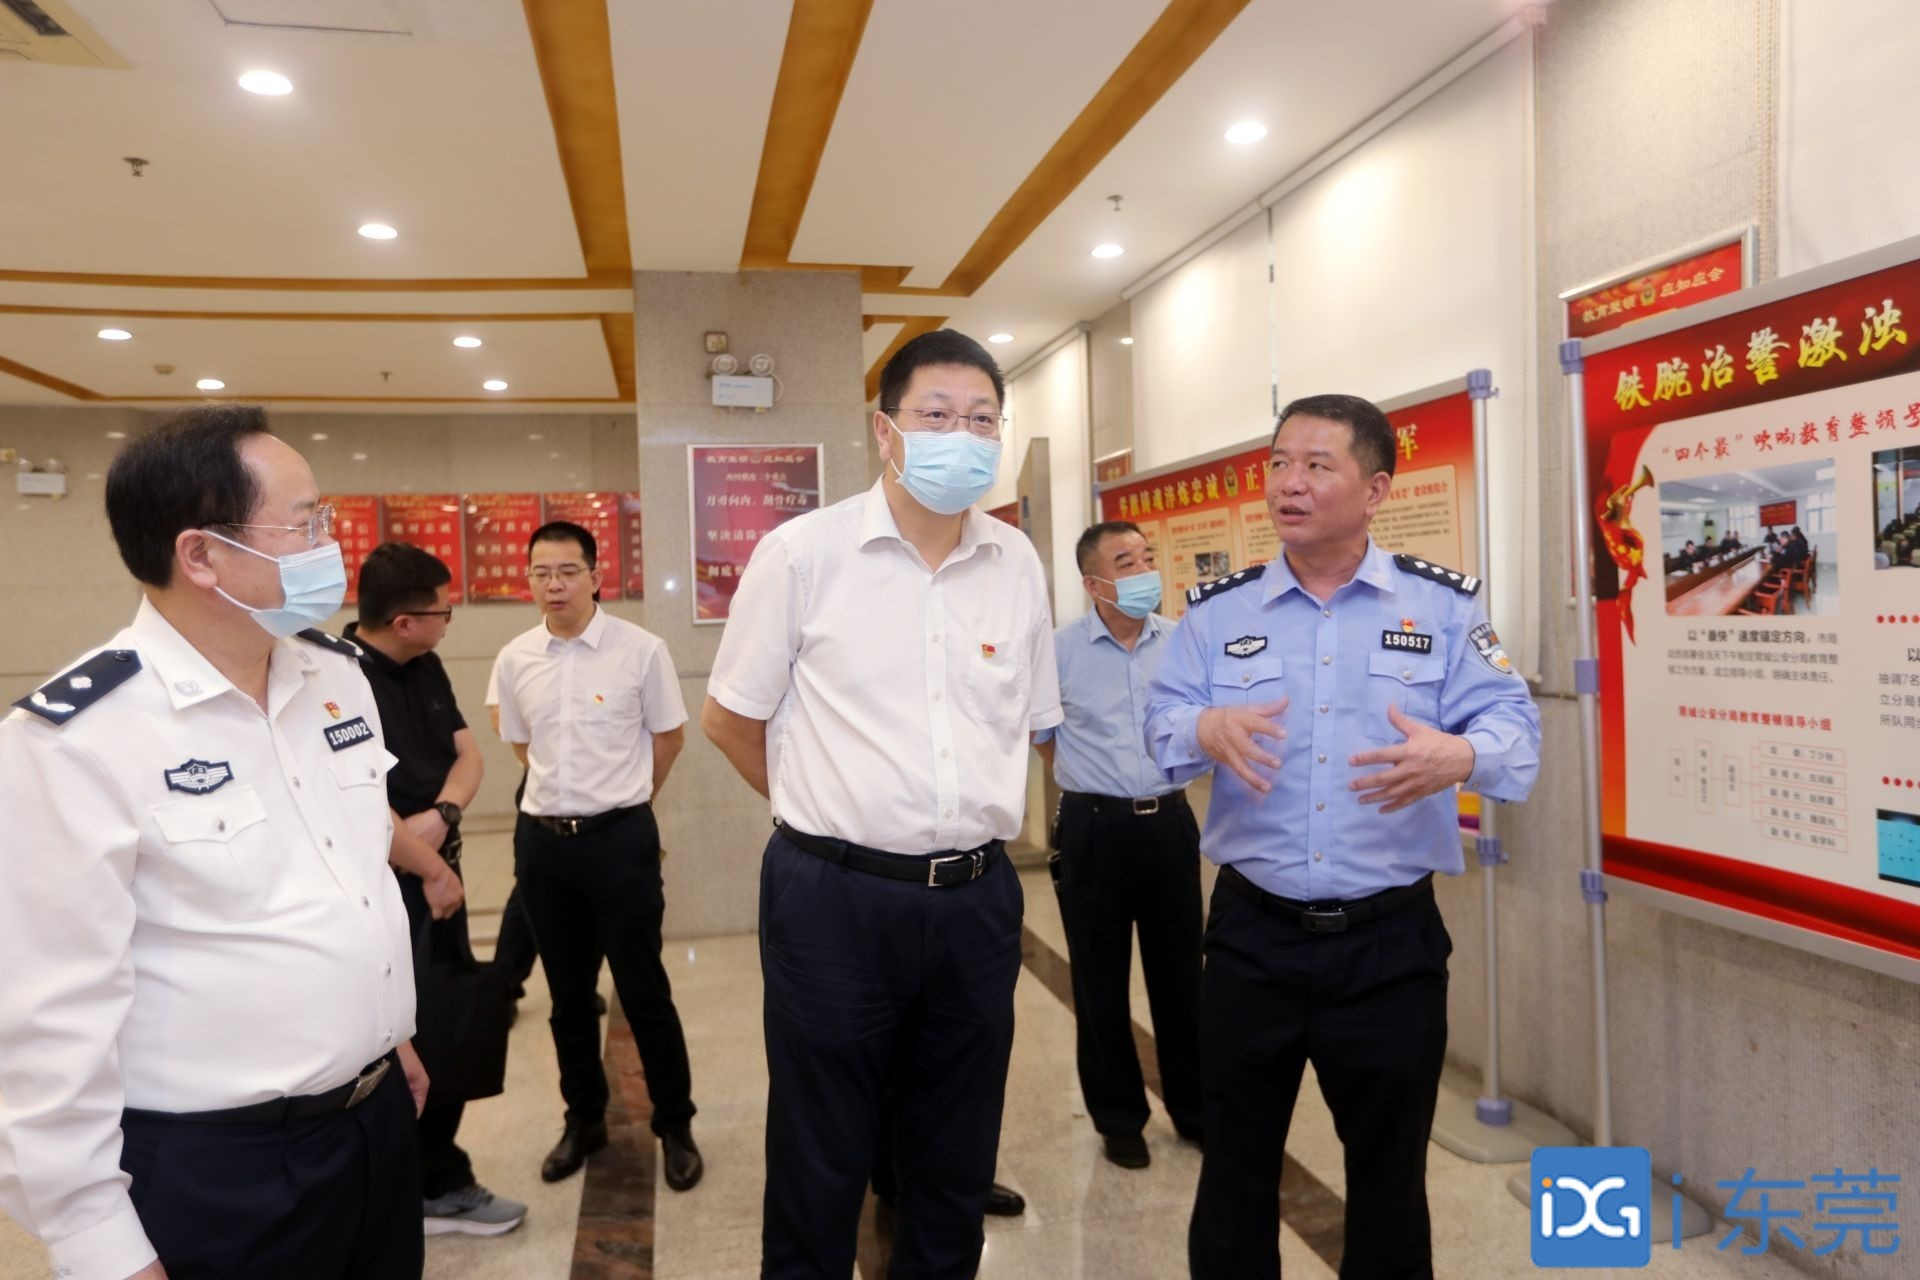 白涛赴莞城政法单位调研教育整顿工作